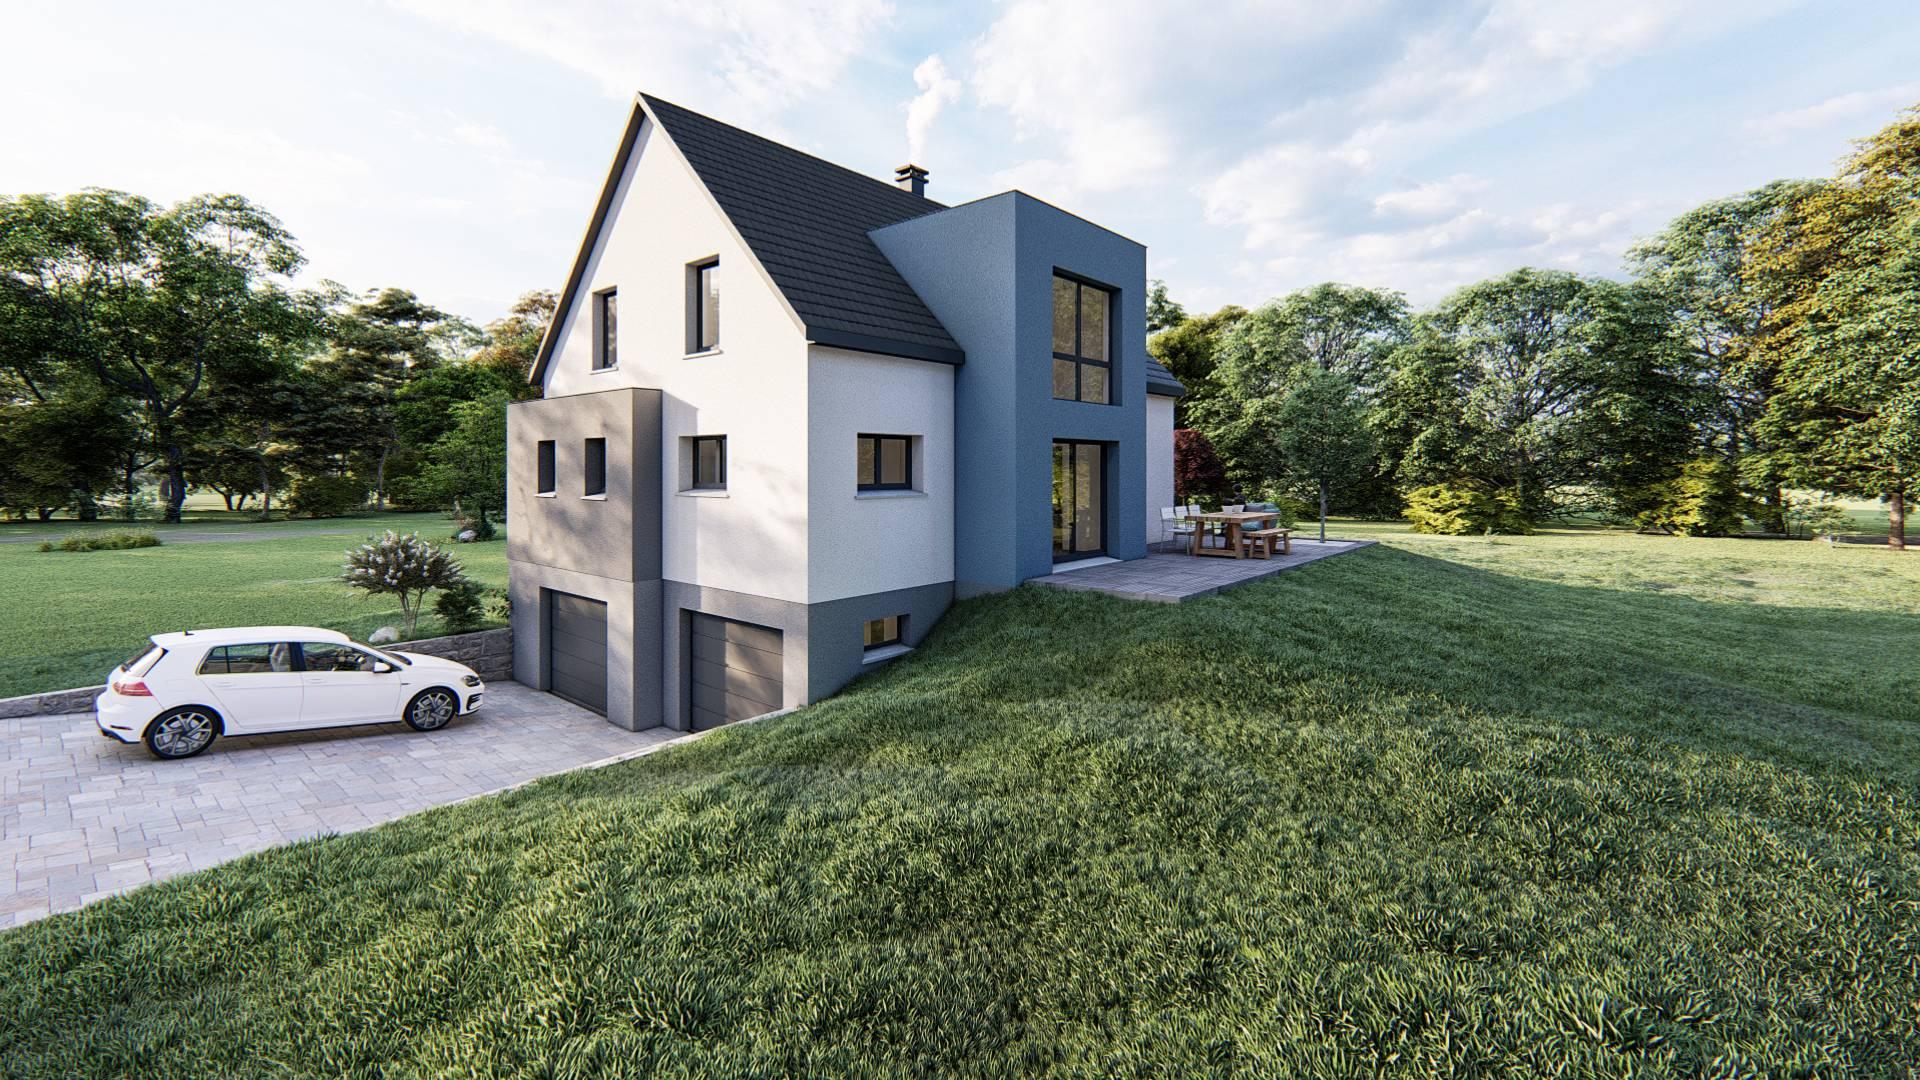 Maisons du constructeur SOCIETE MAISONS HANAU • 105 m² • WESTHOUSE MARMOUTIER